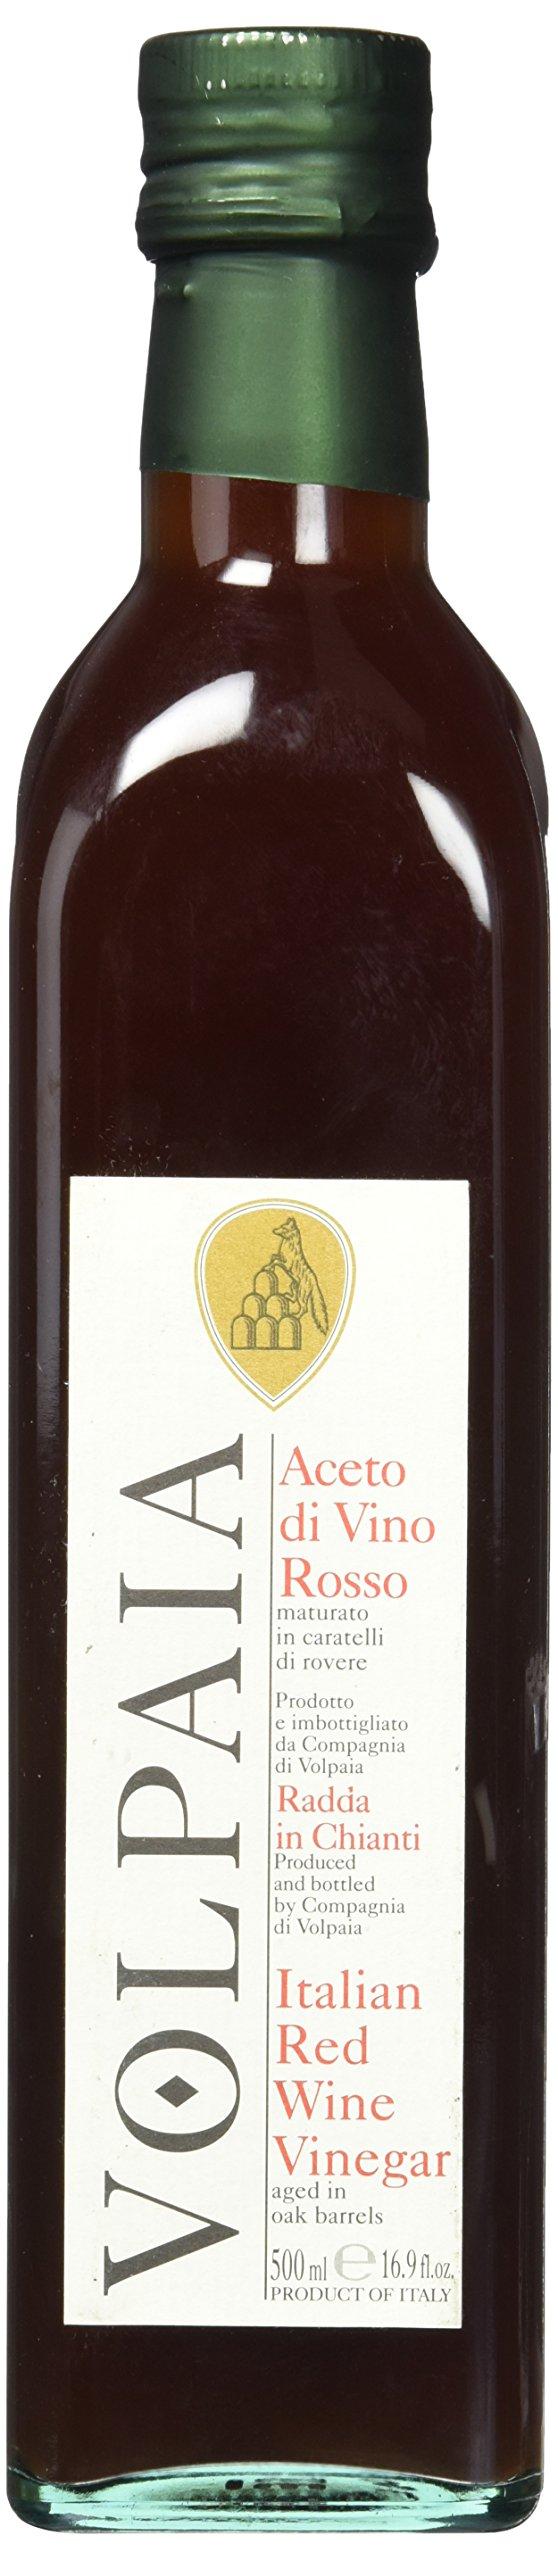 Castello di Volpaia Red Wine Vinegar - 500 ml